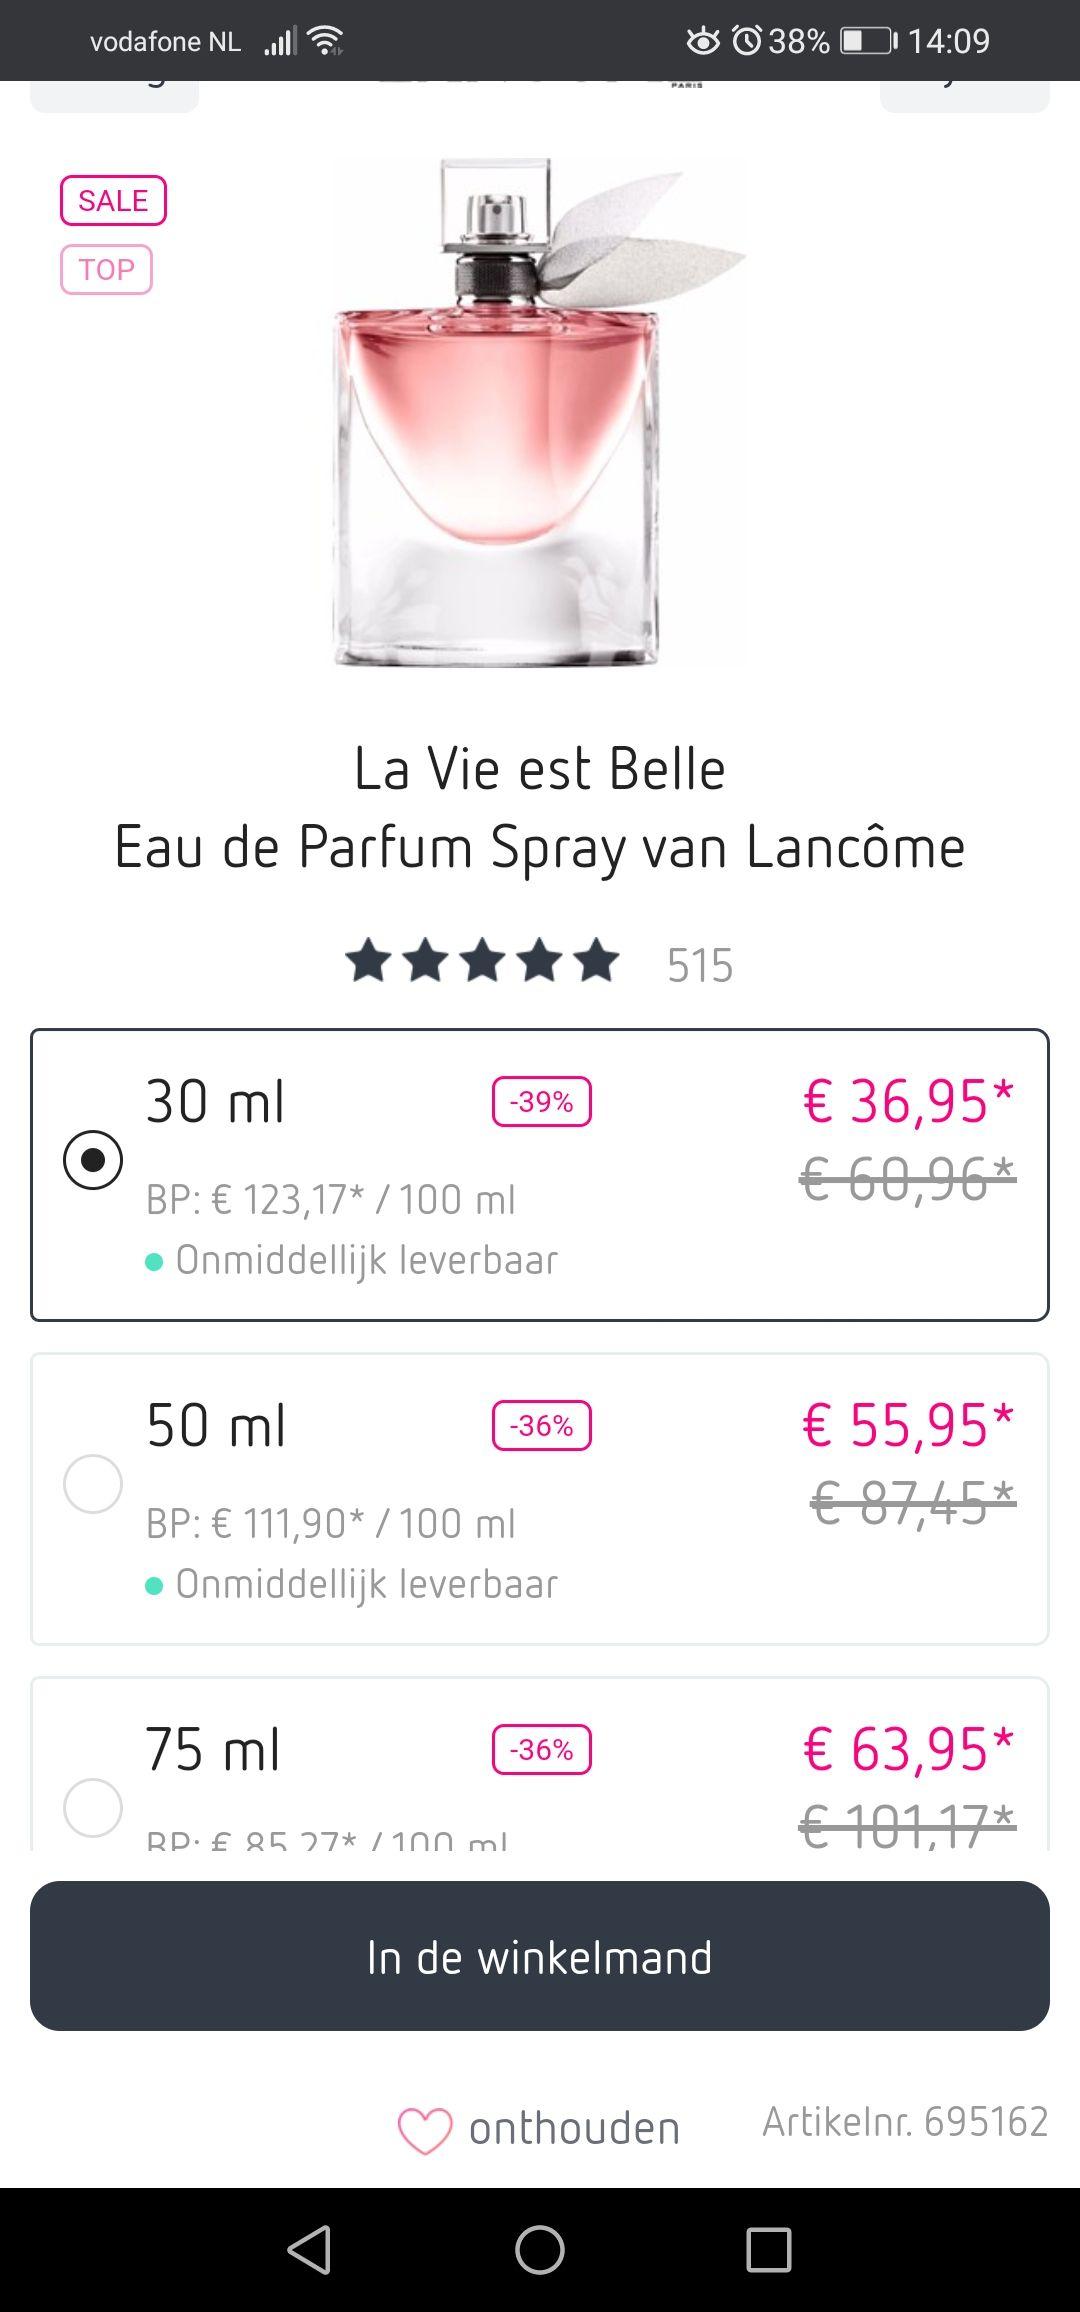 La Vie Est Belle parfum 39% korting (zoals site aangeeft) plus extra 10% korting met kortingscode EN GRATIS Samples!